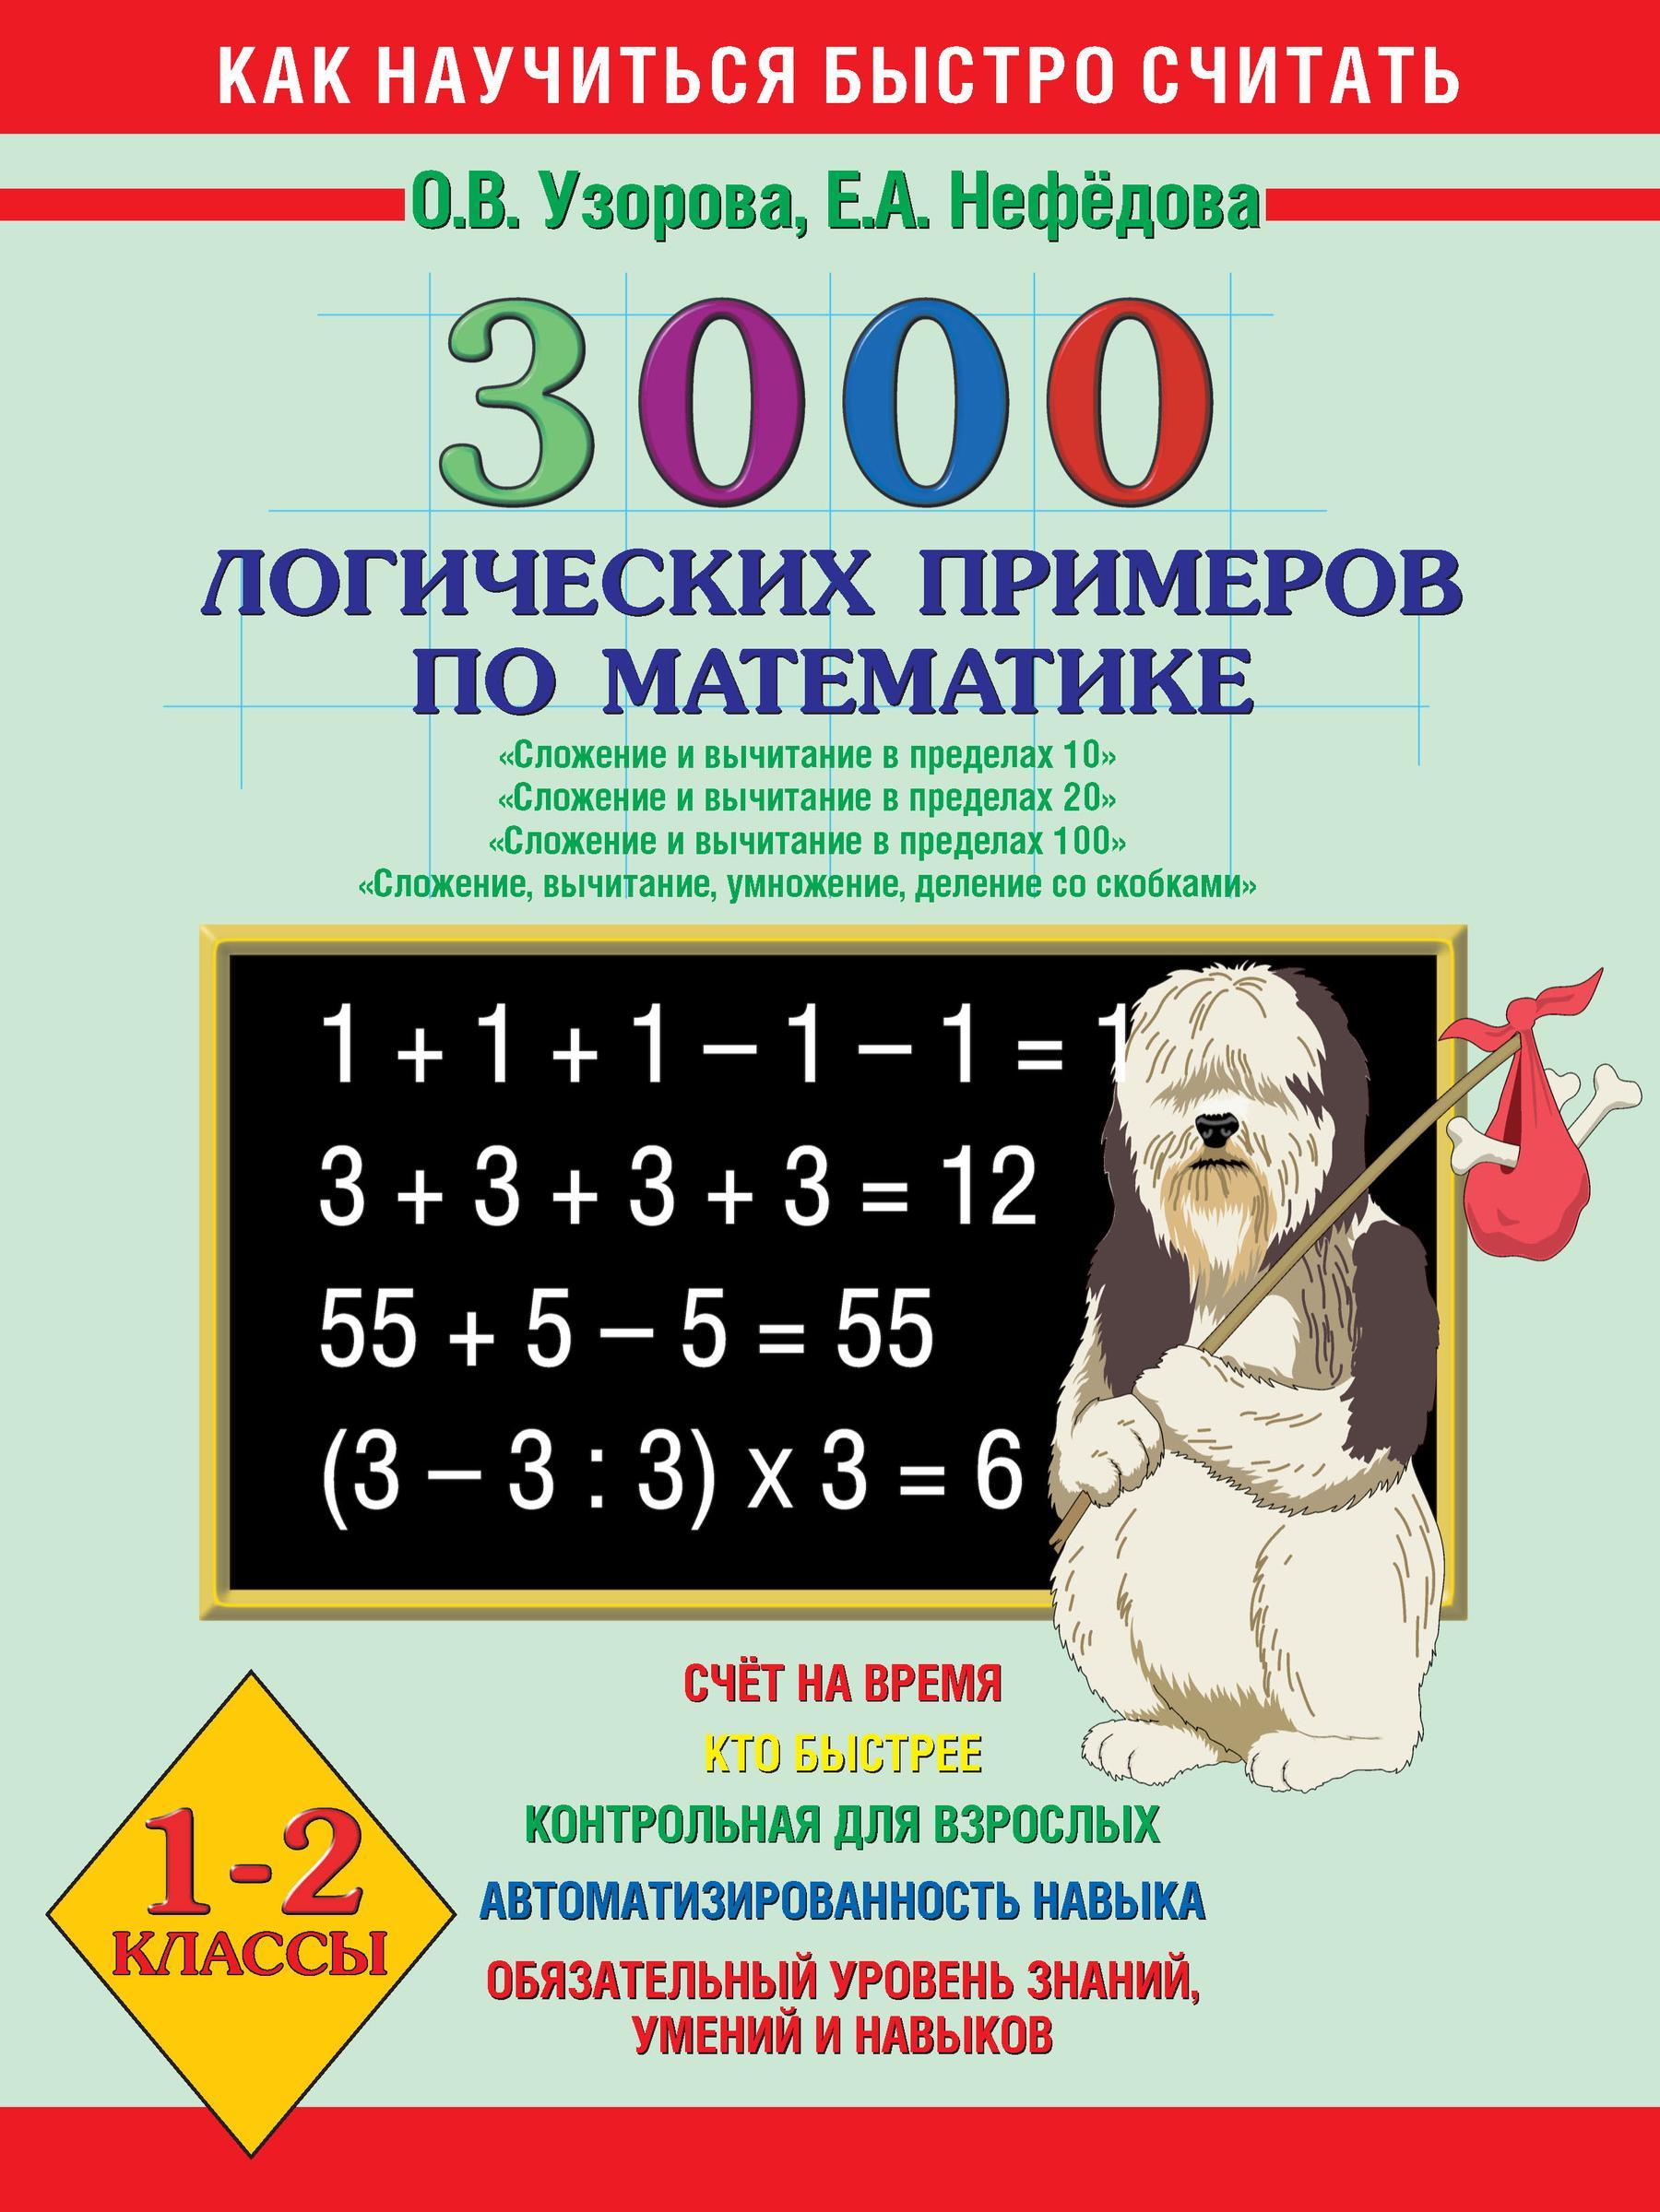 О. В. Узорова 3000 логических примеров по математике. Сложение и вычитание в пределах 10. Сложение и вычитание в пределах 20. Сложение и вычитание в пределах 100. Сложение, вычитание, умножение, деление со скобками. 1-2 класс гребнева ю тетрадь практикум по математике для 1 2 классов сложение и вычитание в пределах 20